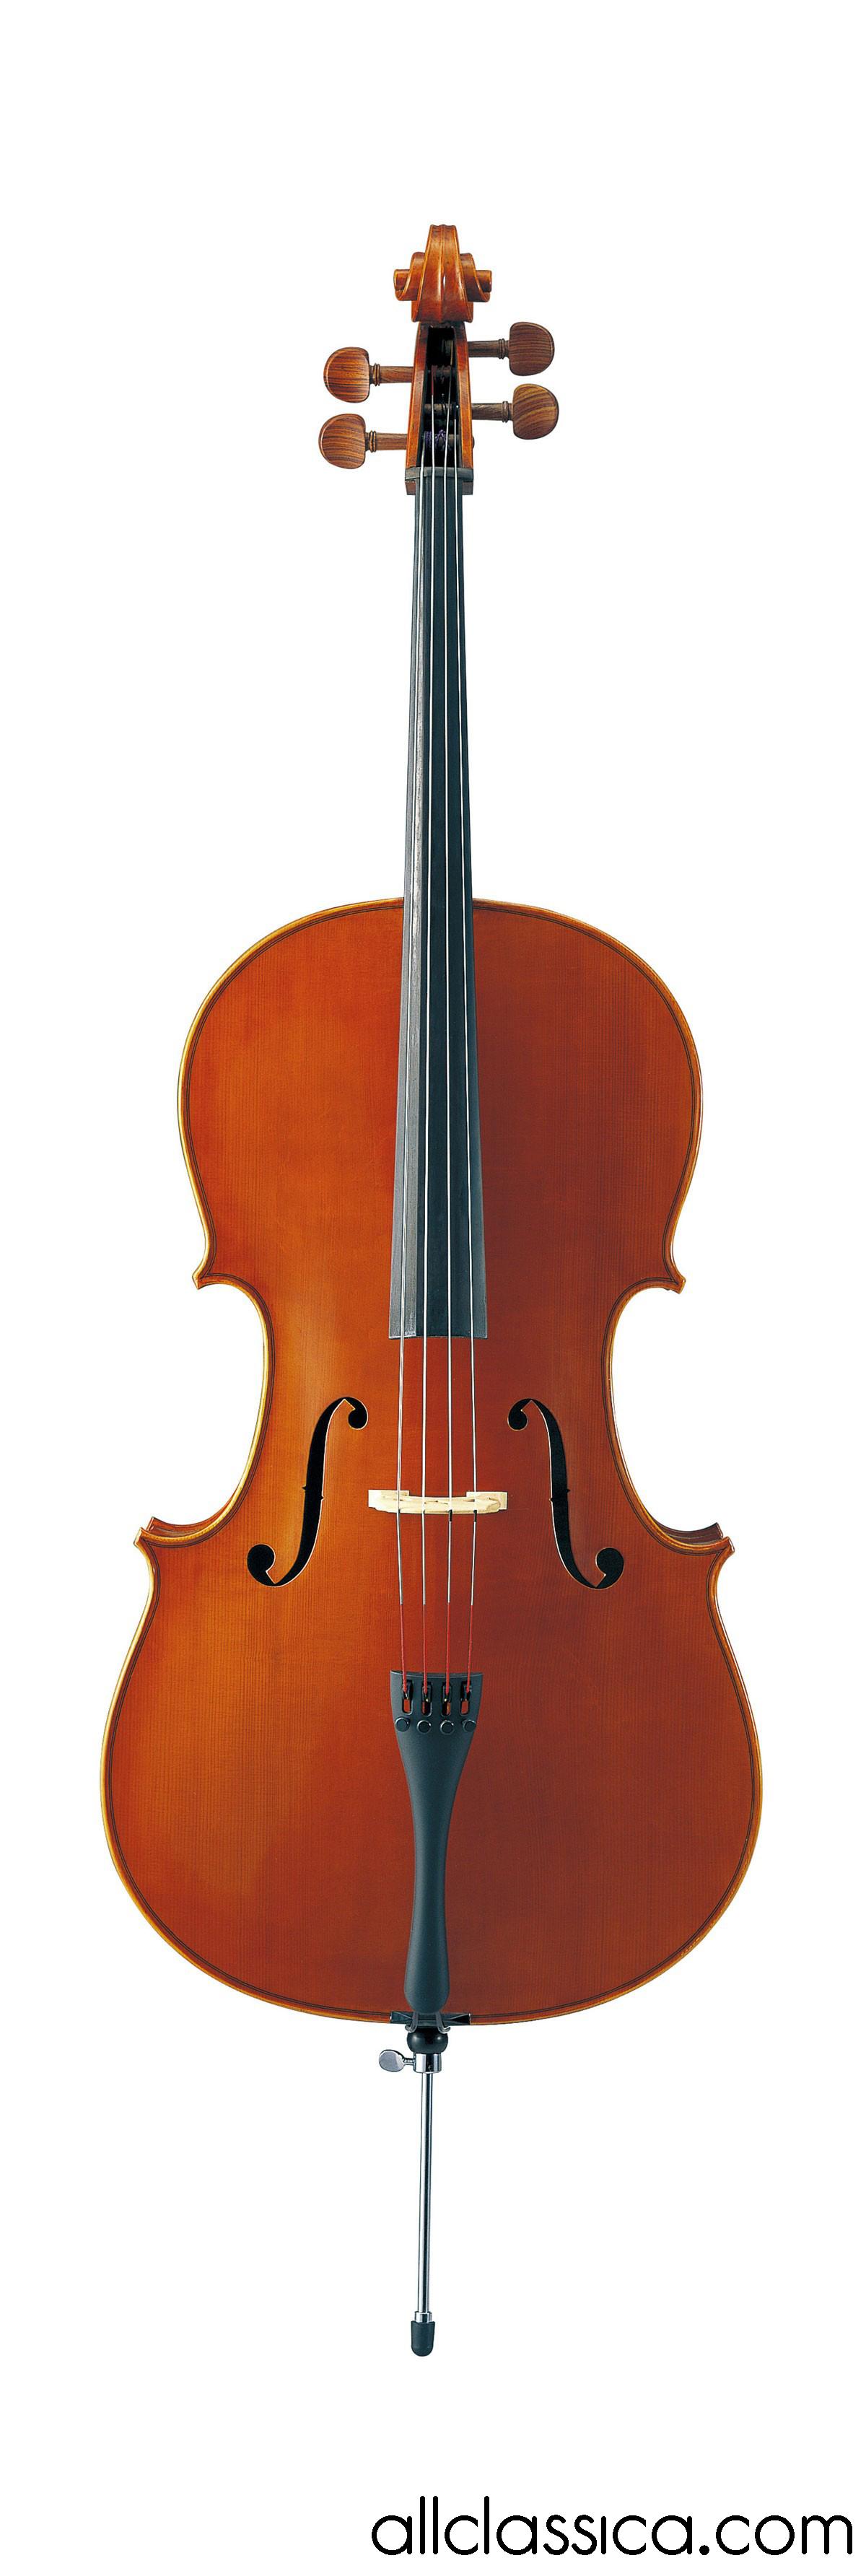 Музыка виолончель mp3 скачать бесплатно